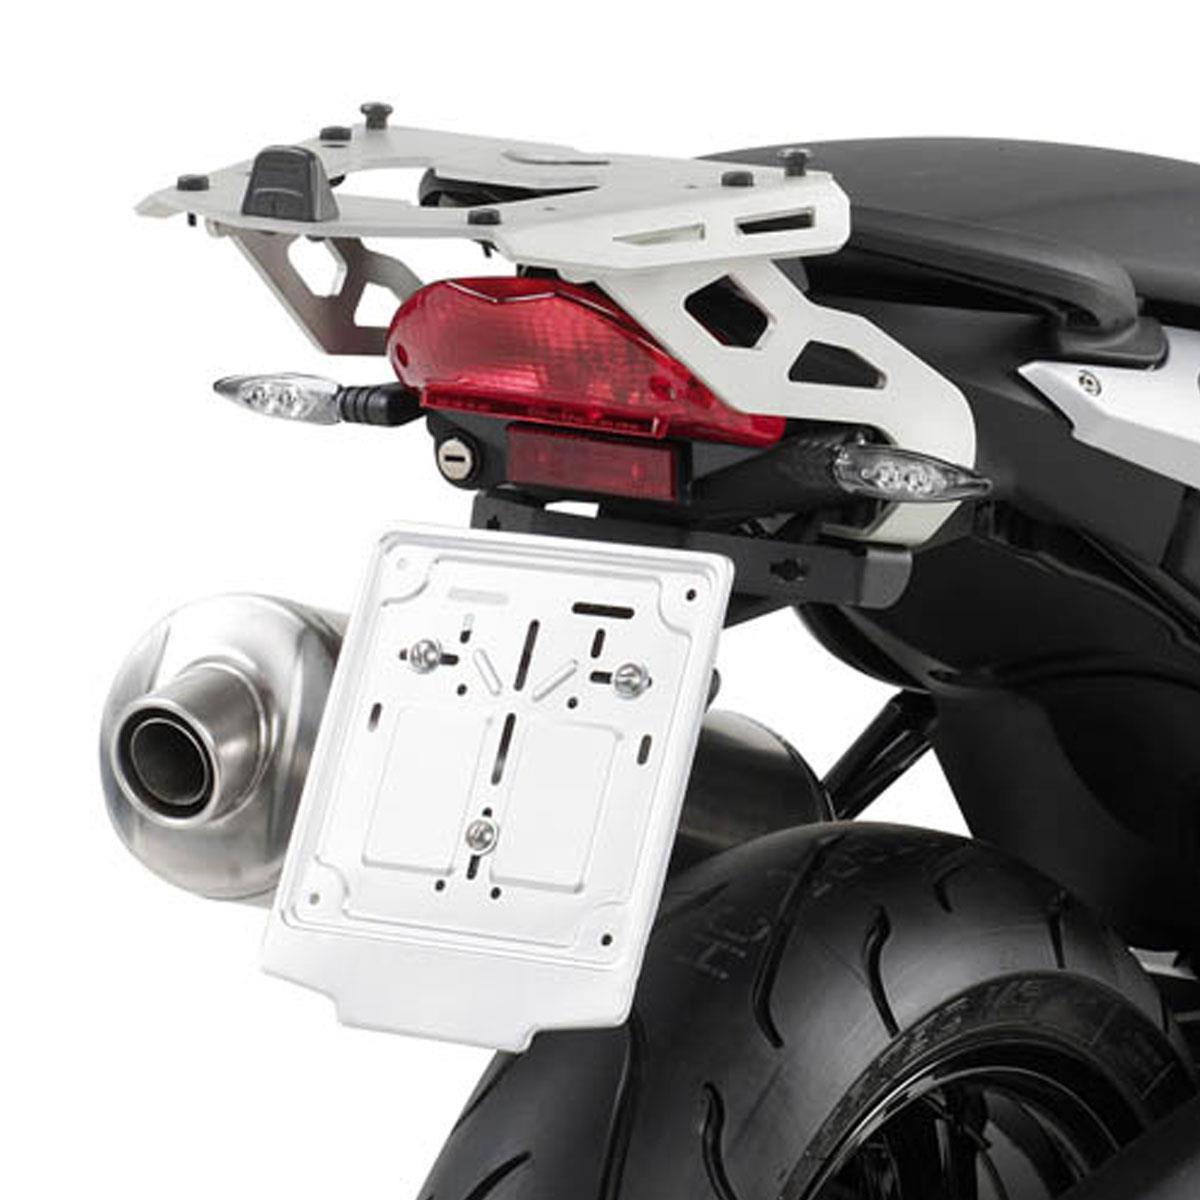 Base/Rack para Baús Monokey BMW F800 R 09-17 (SRA691 em alumínio)- Pronta Entrega  - Nova Suzuki Motos e Acessórios